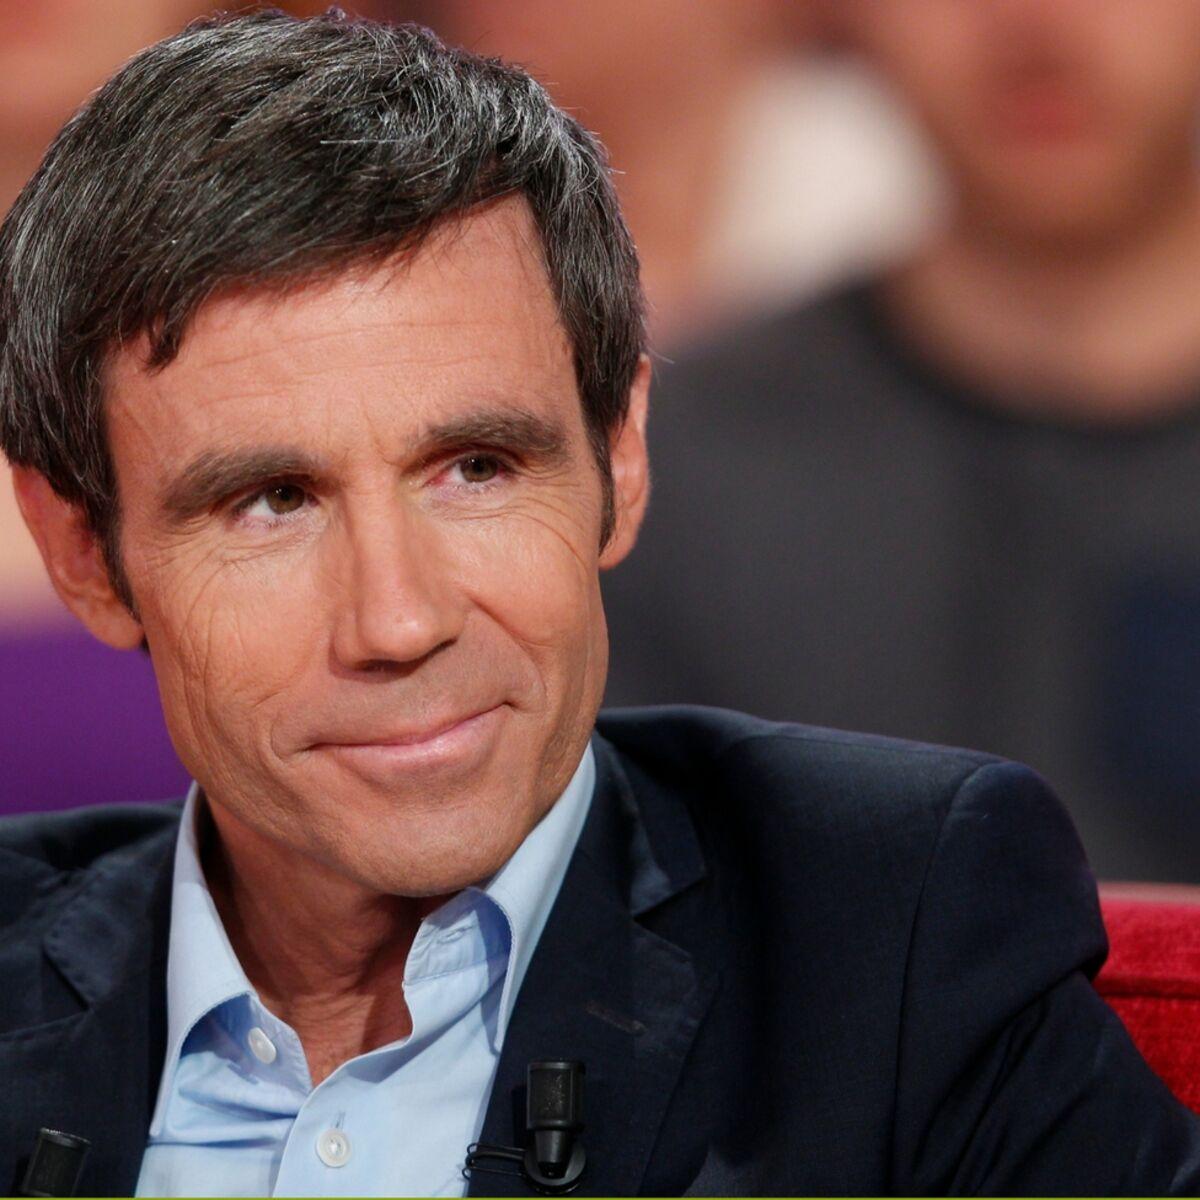 Le journaliste de France télévision David Pujadas annonce avoir retrouvé l'amour!